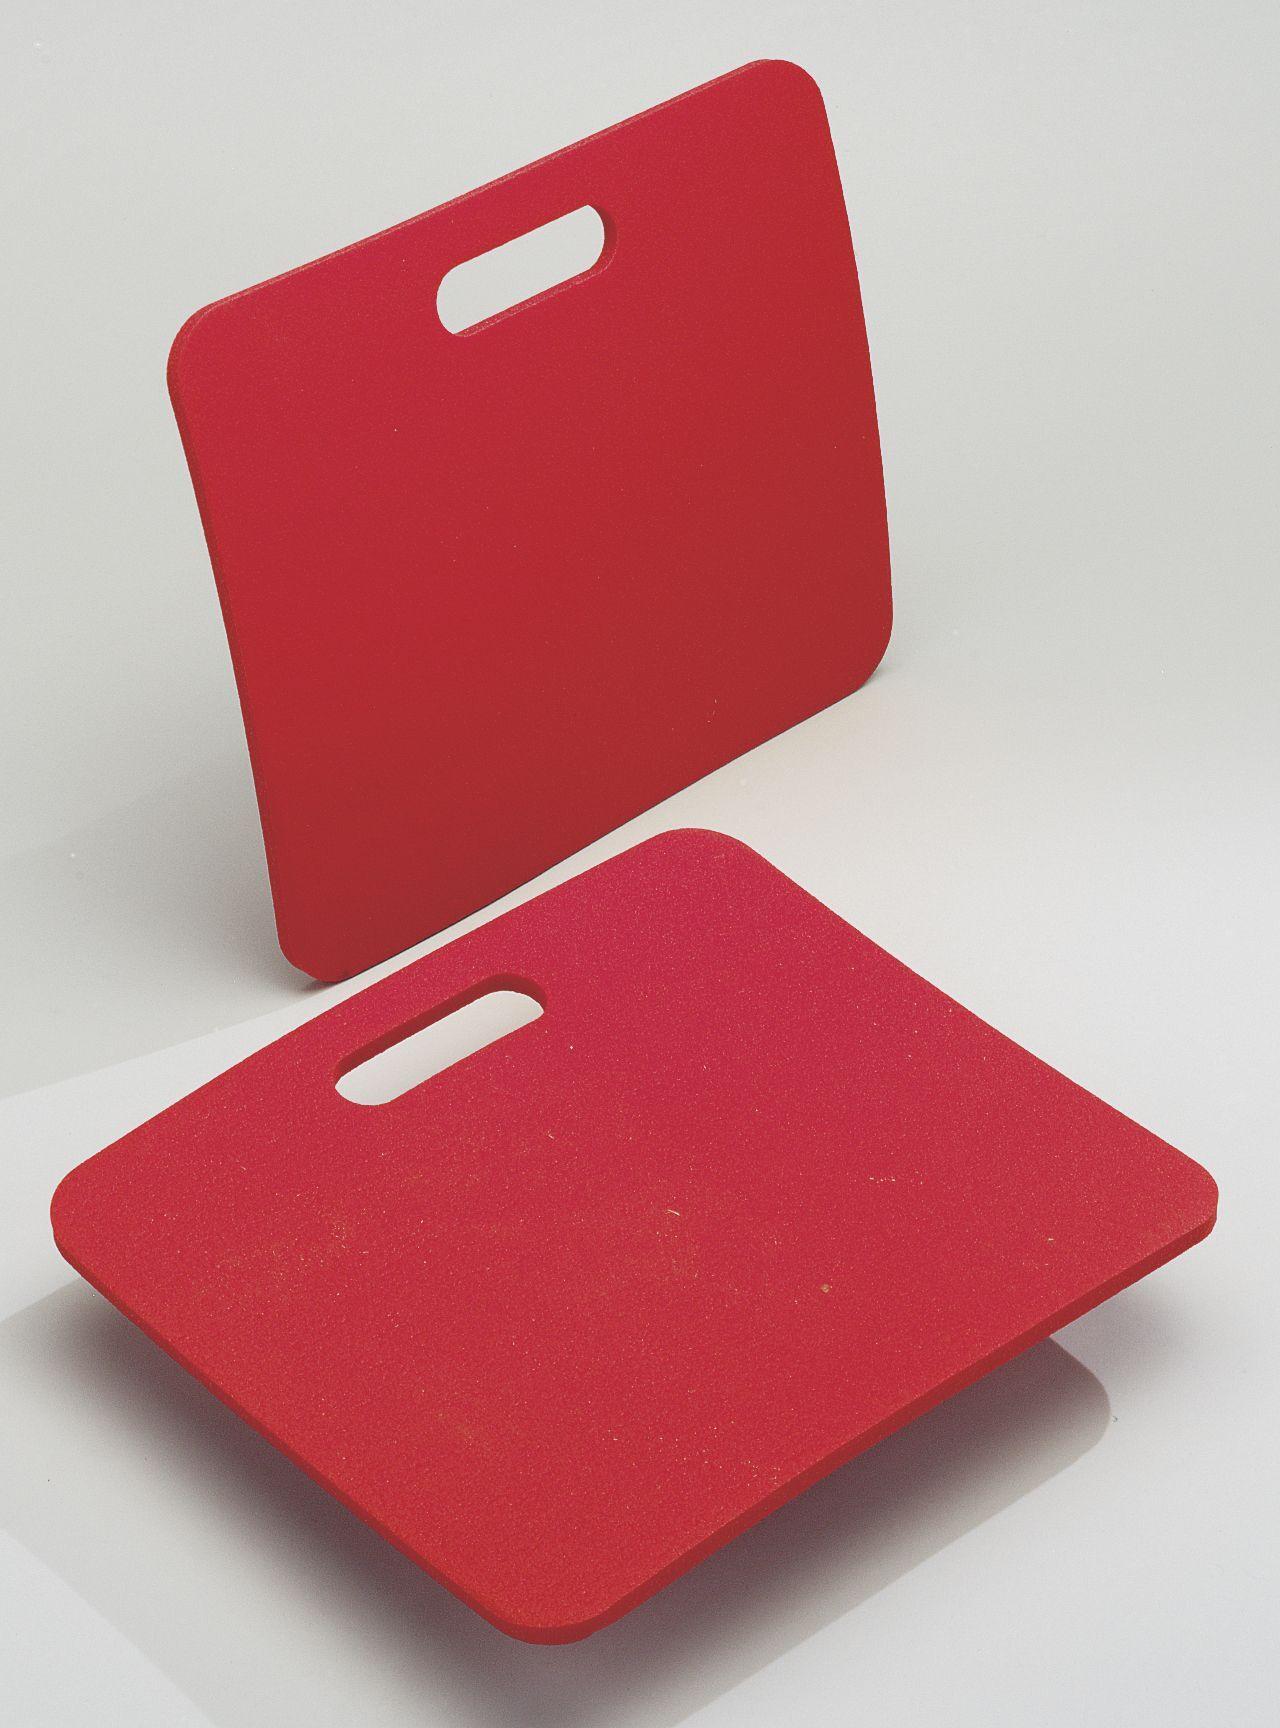 88-30583  Sitteunderlag rød (5)